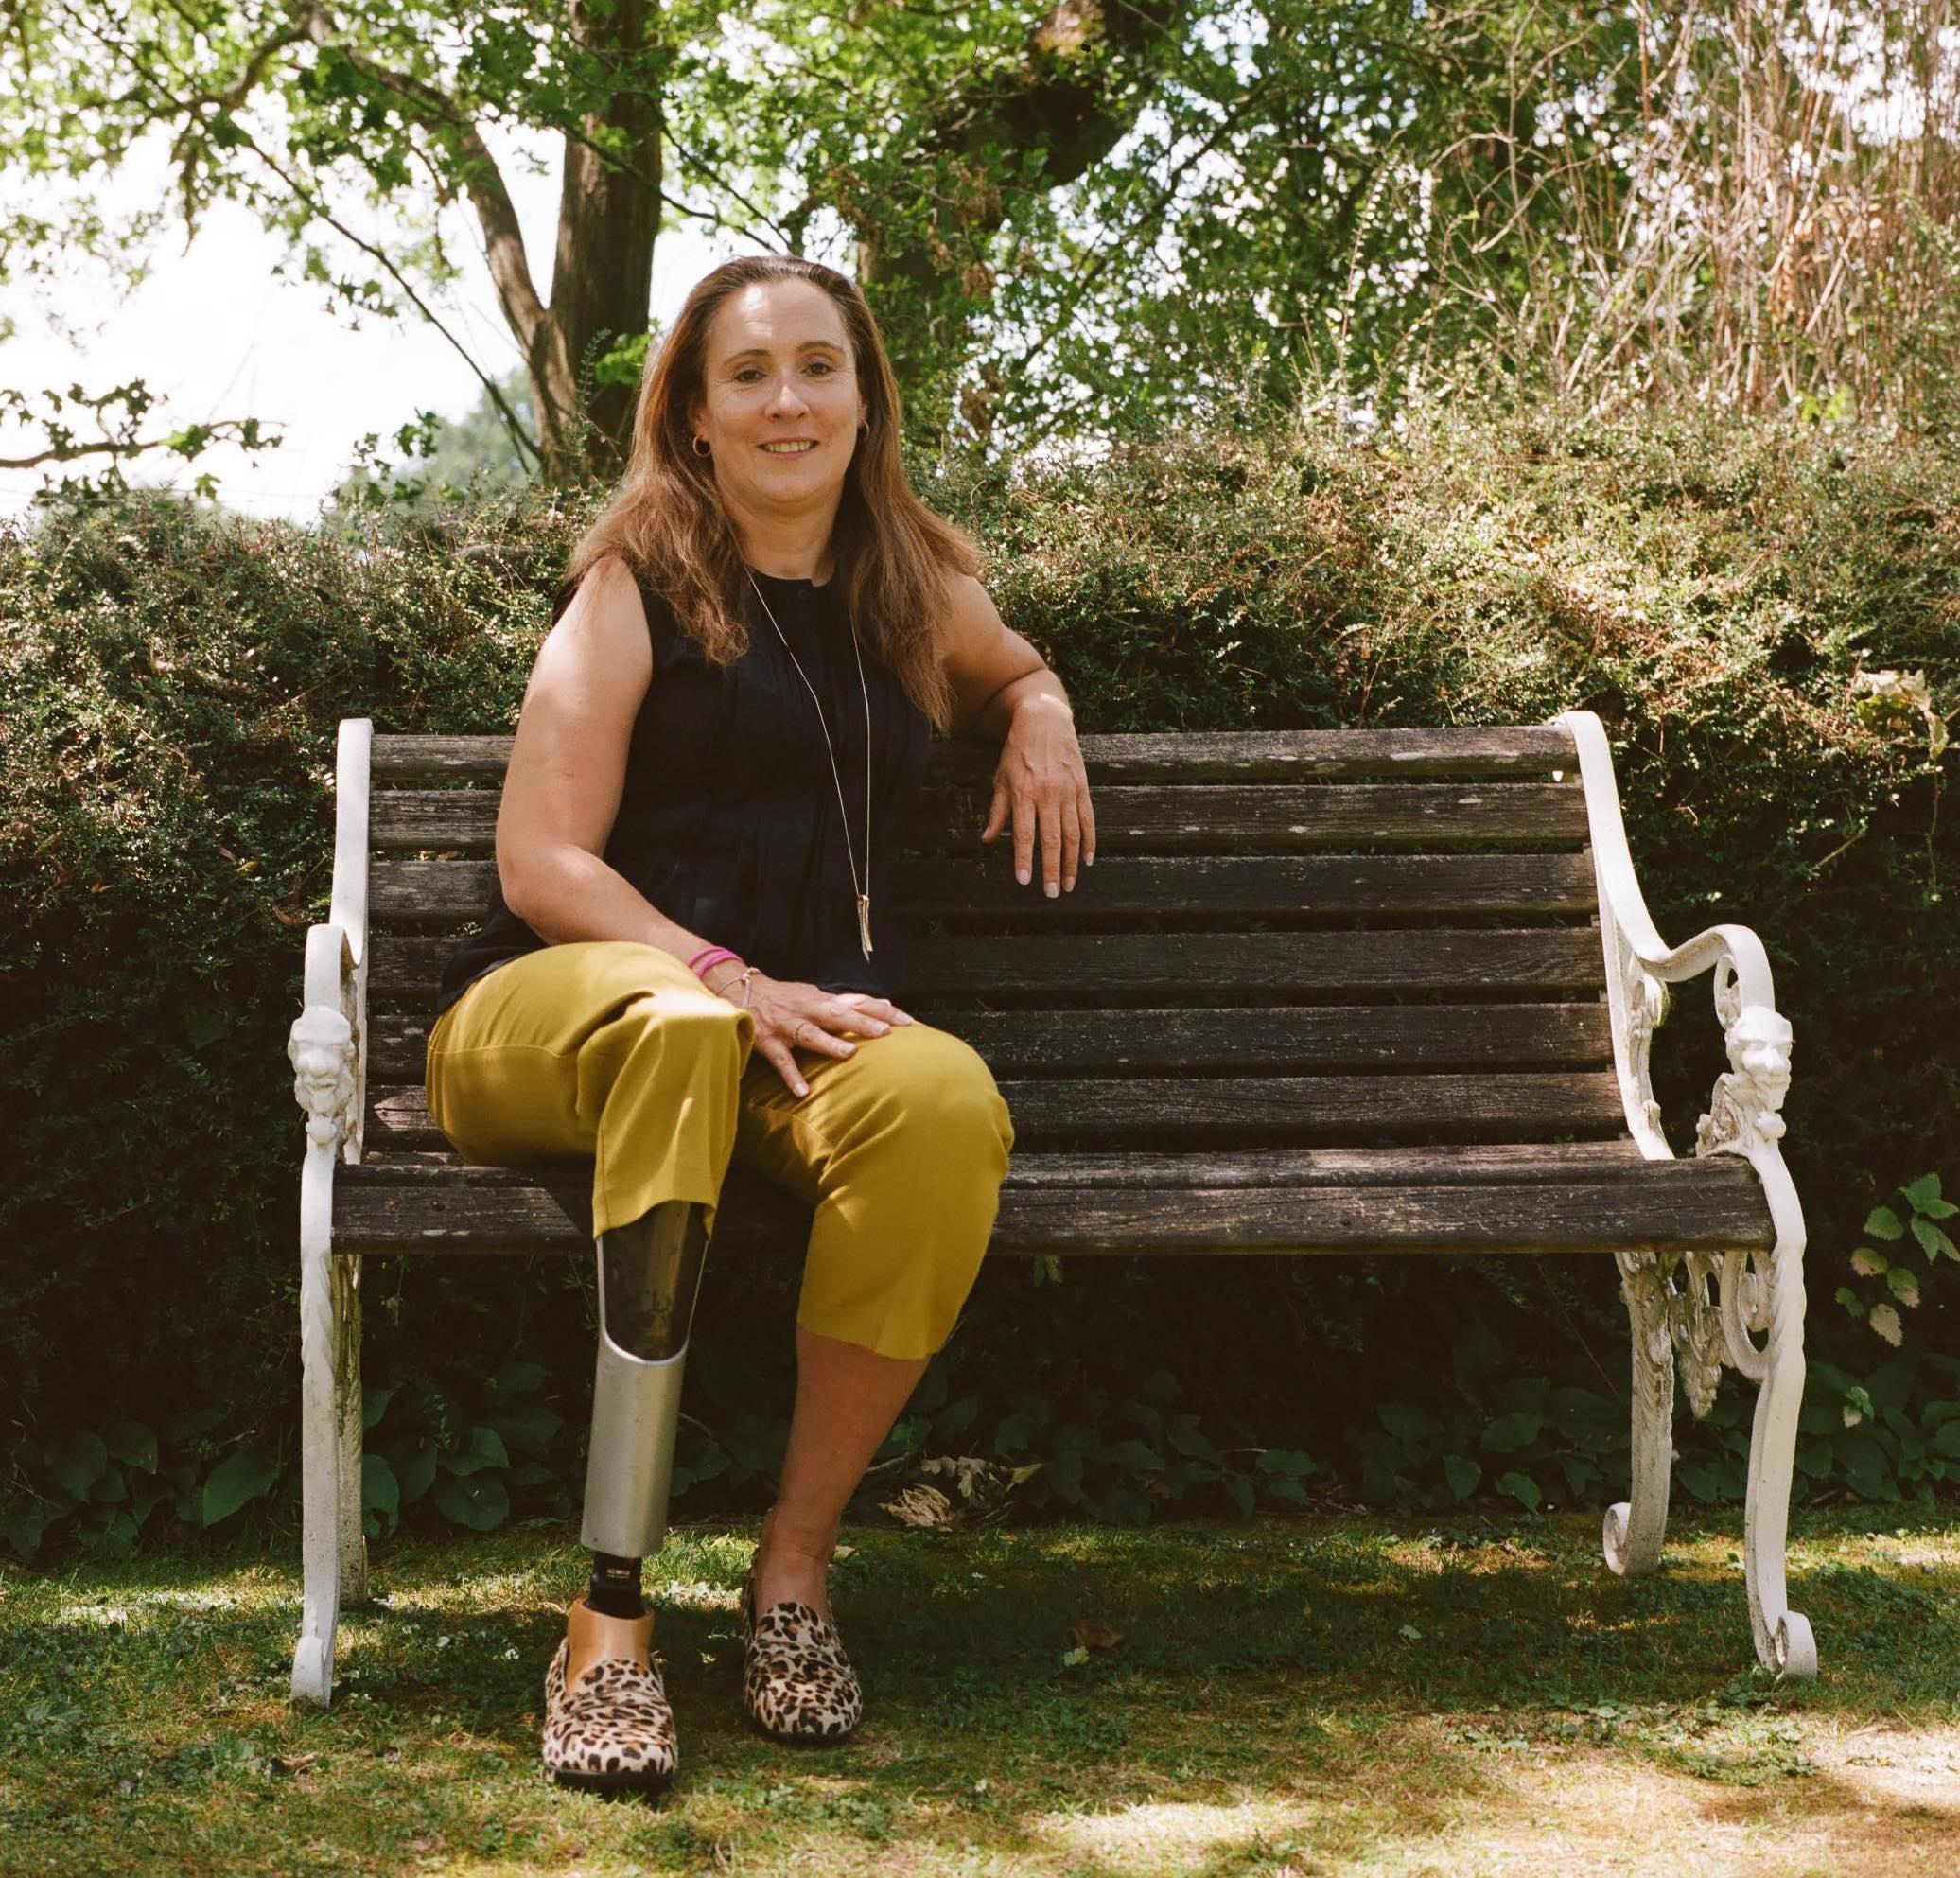 Kiera Roche, founder of charity Limb Power